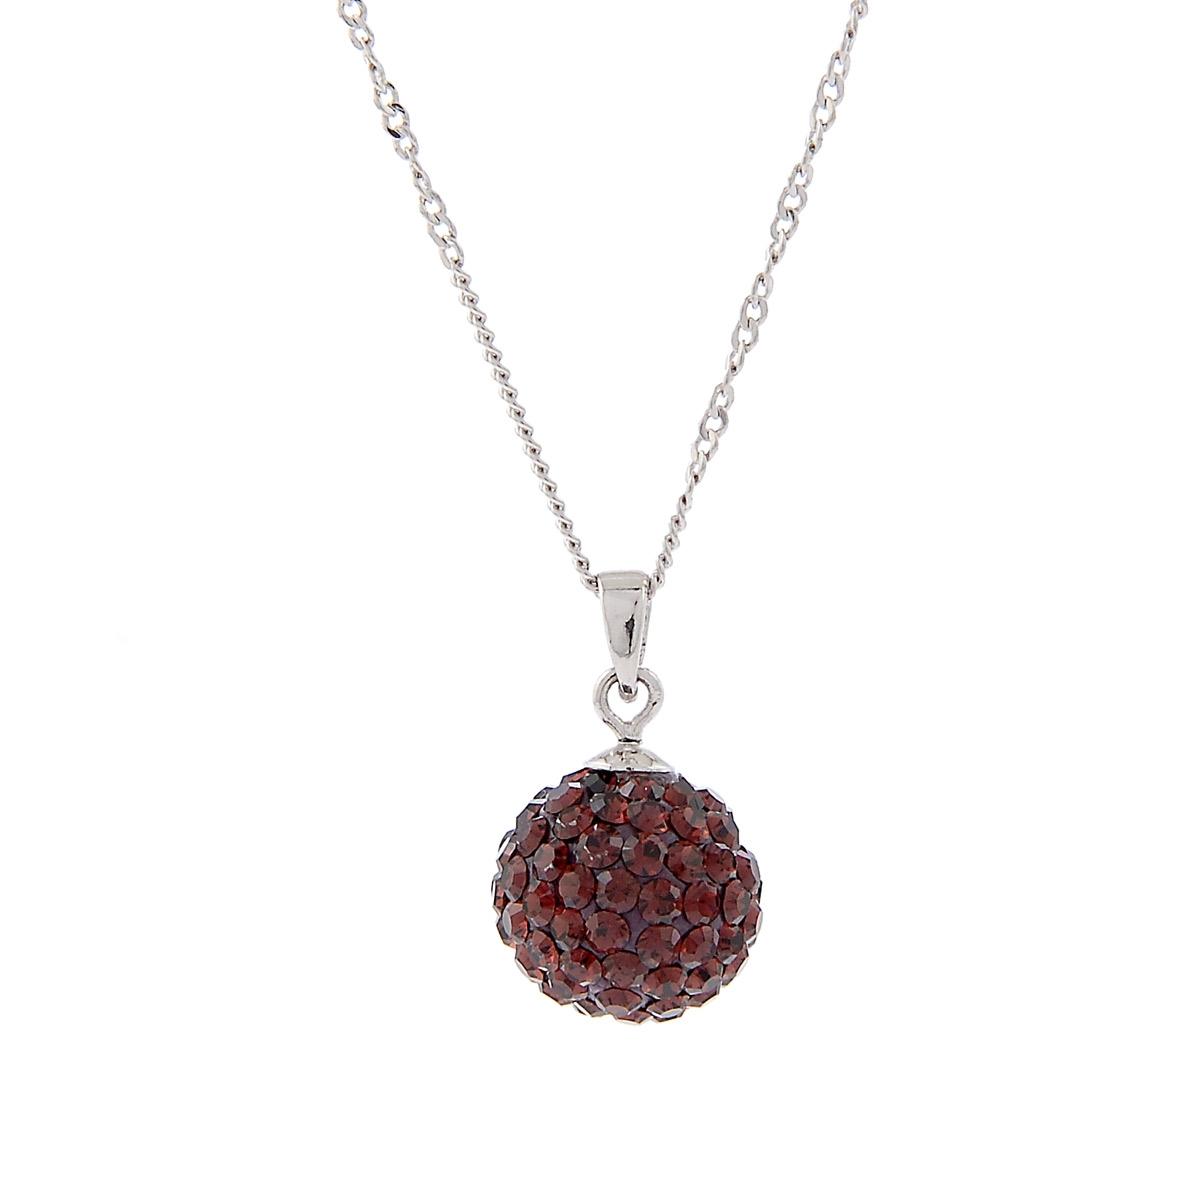 Burgundy Crystal